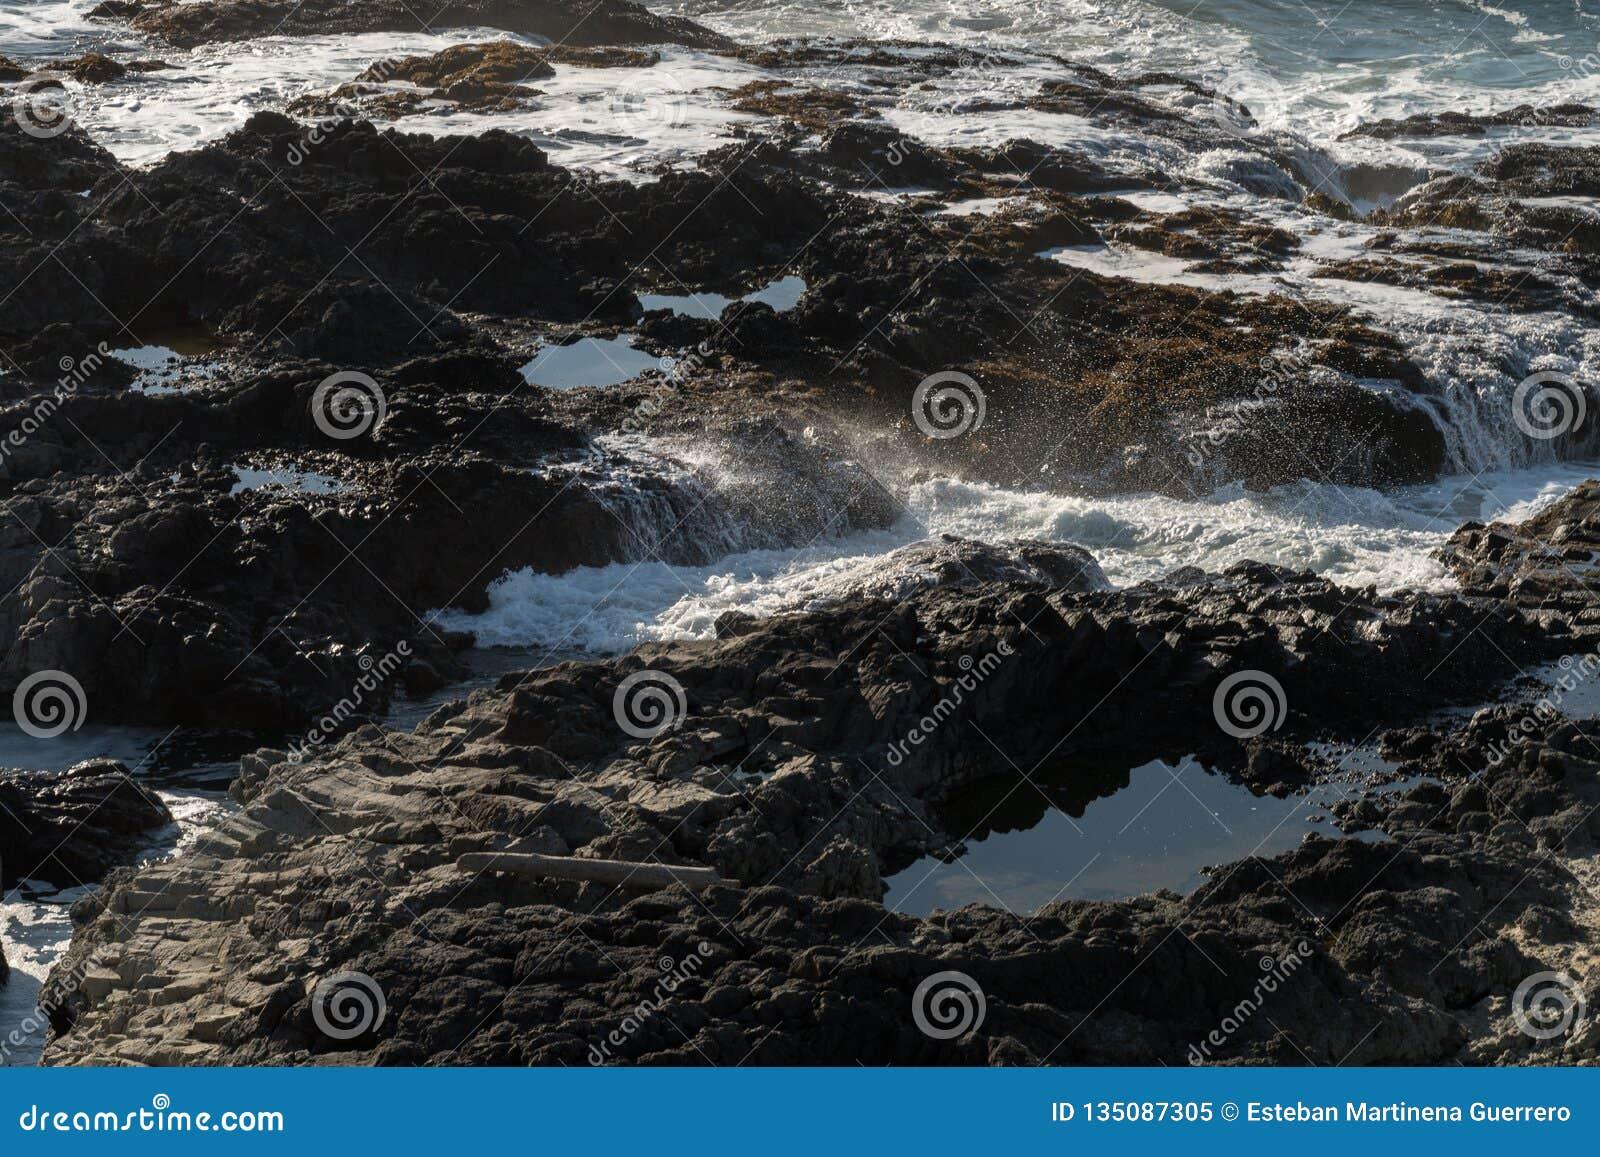 De golven verpletteren op de rotsen van de kust bij Speciaal de Rentegebied van Kaapperpetua waar Thor goed wordt gevestigd